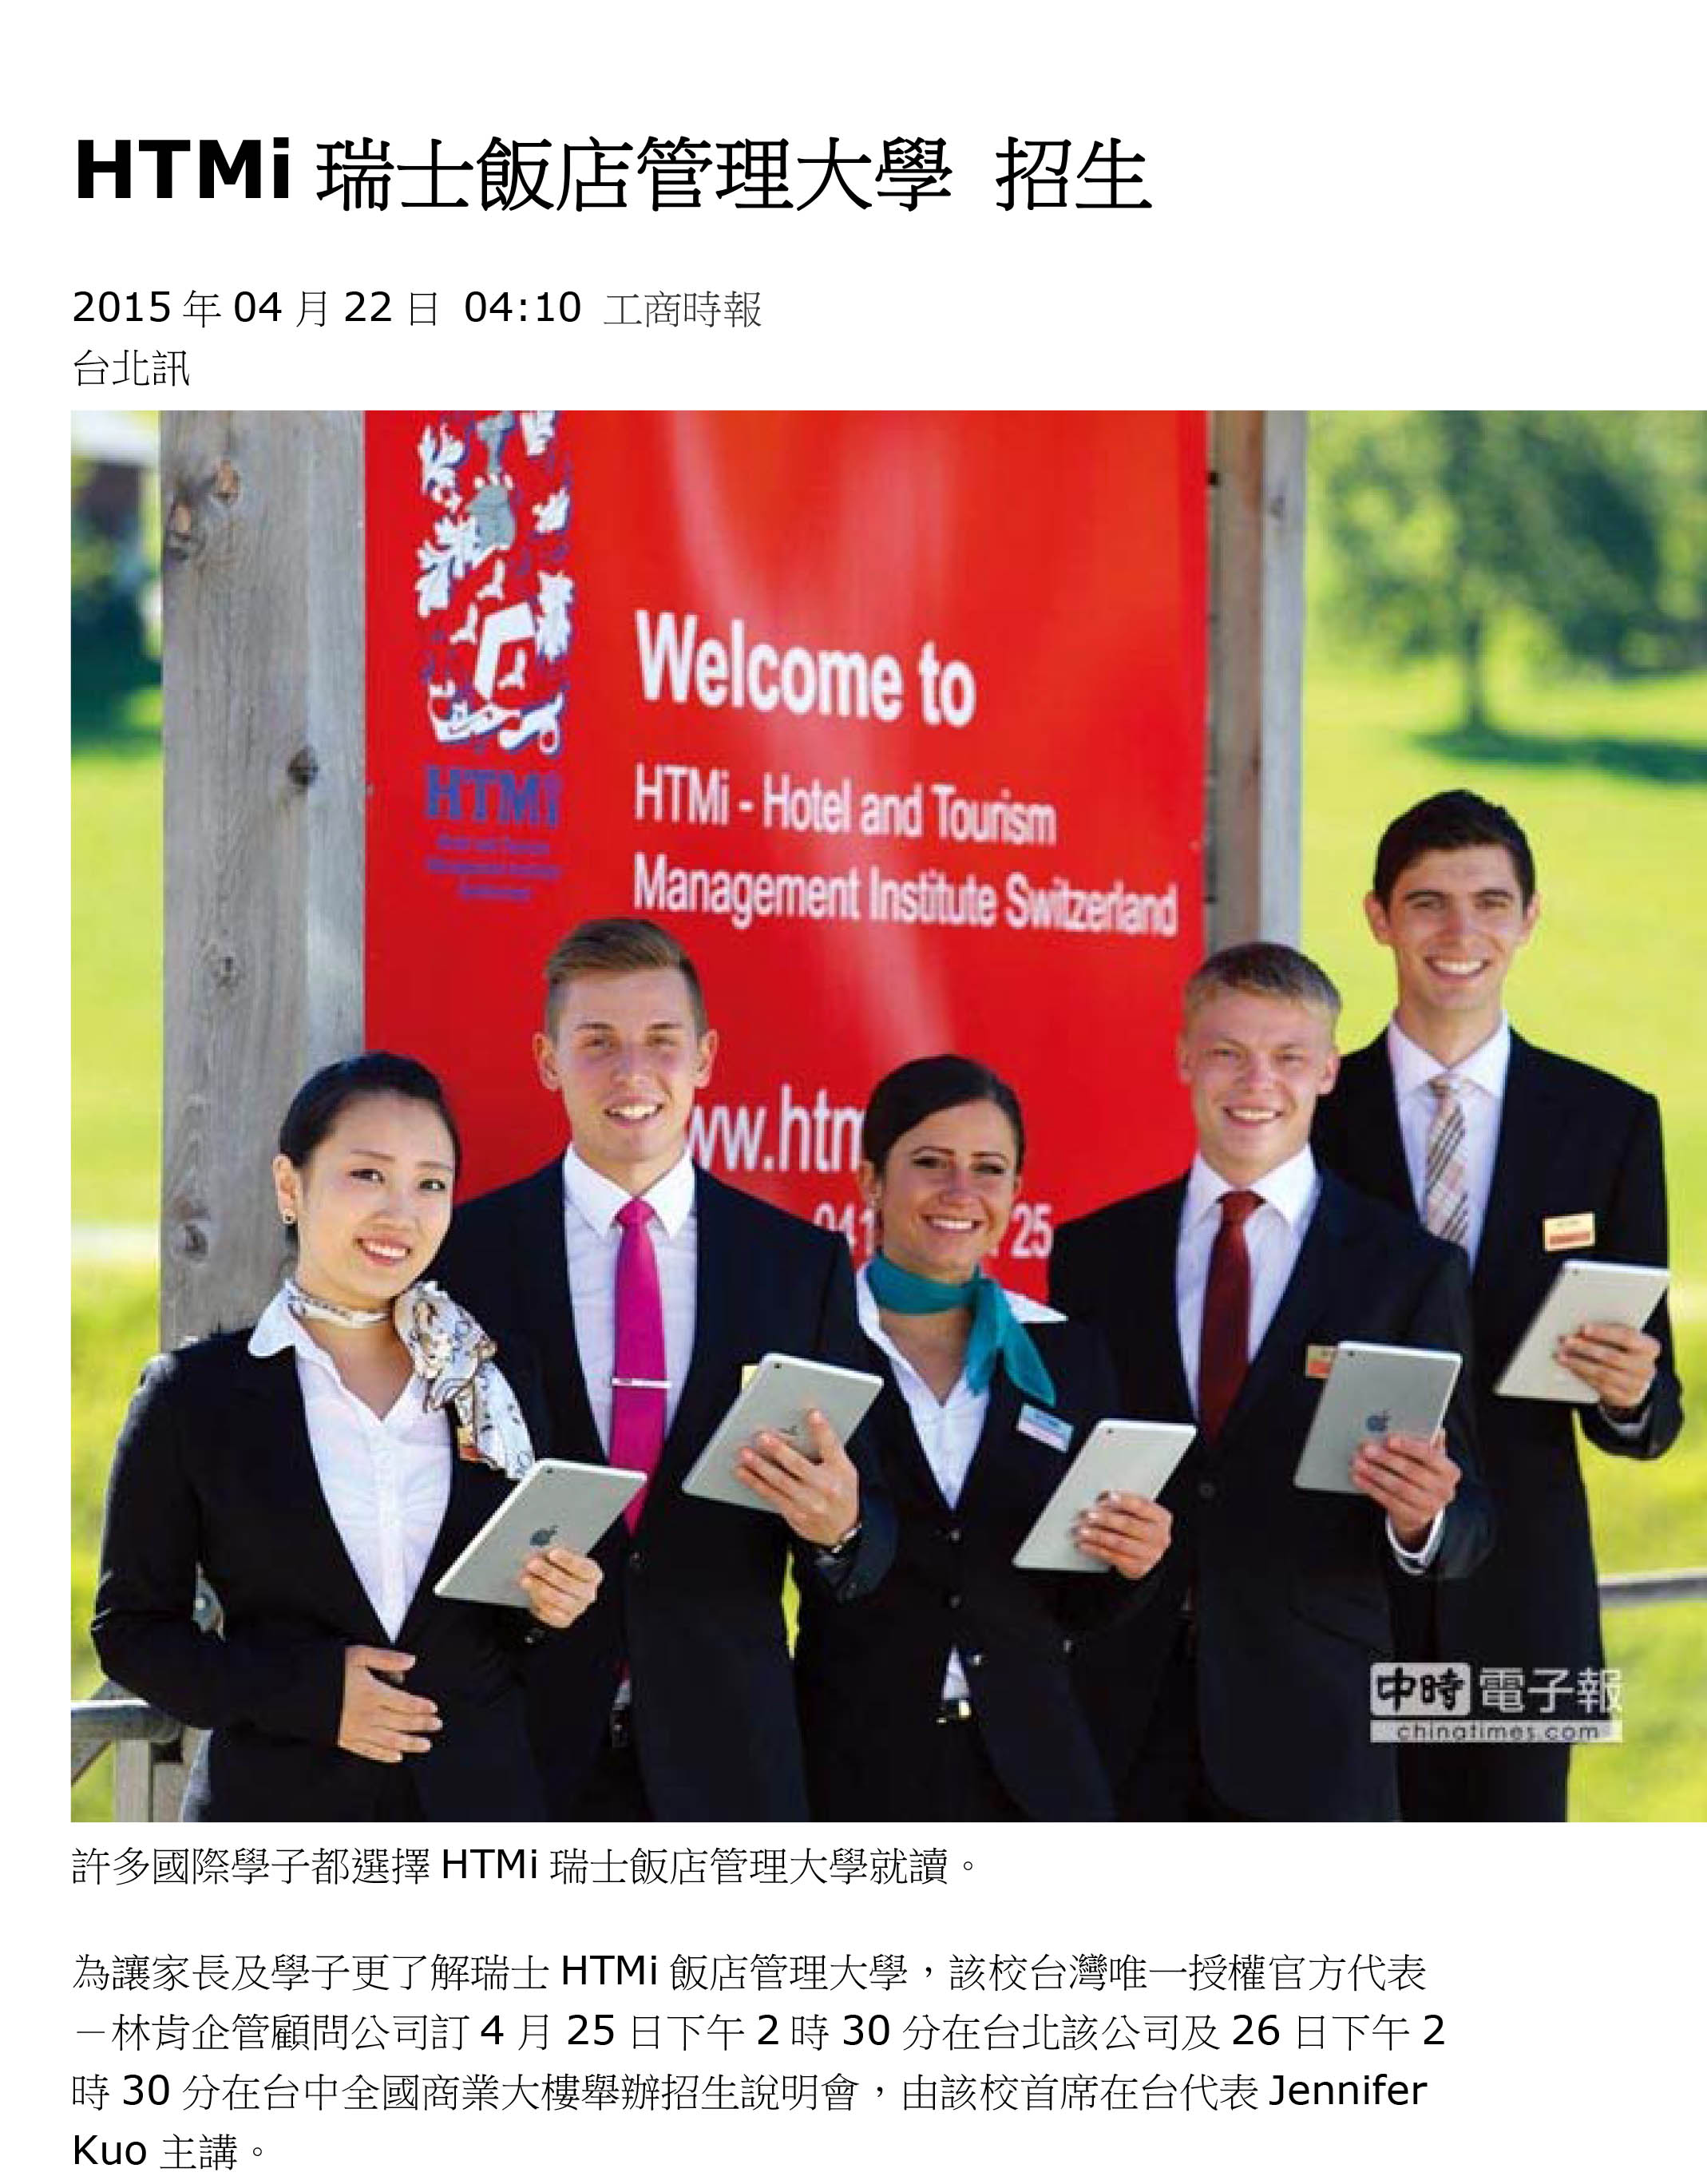 HTMi瑞士飯店管理大學 招生 (3)